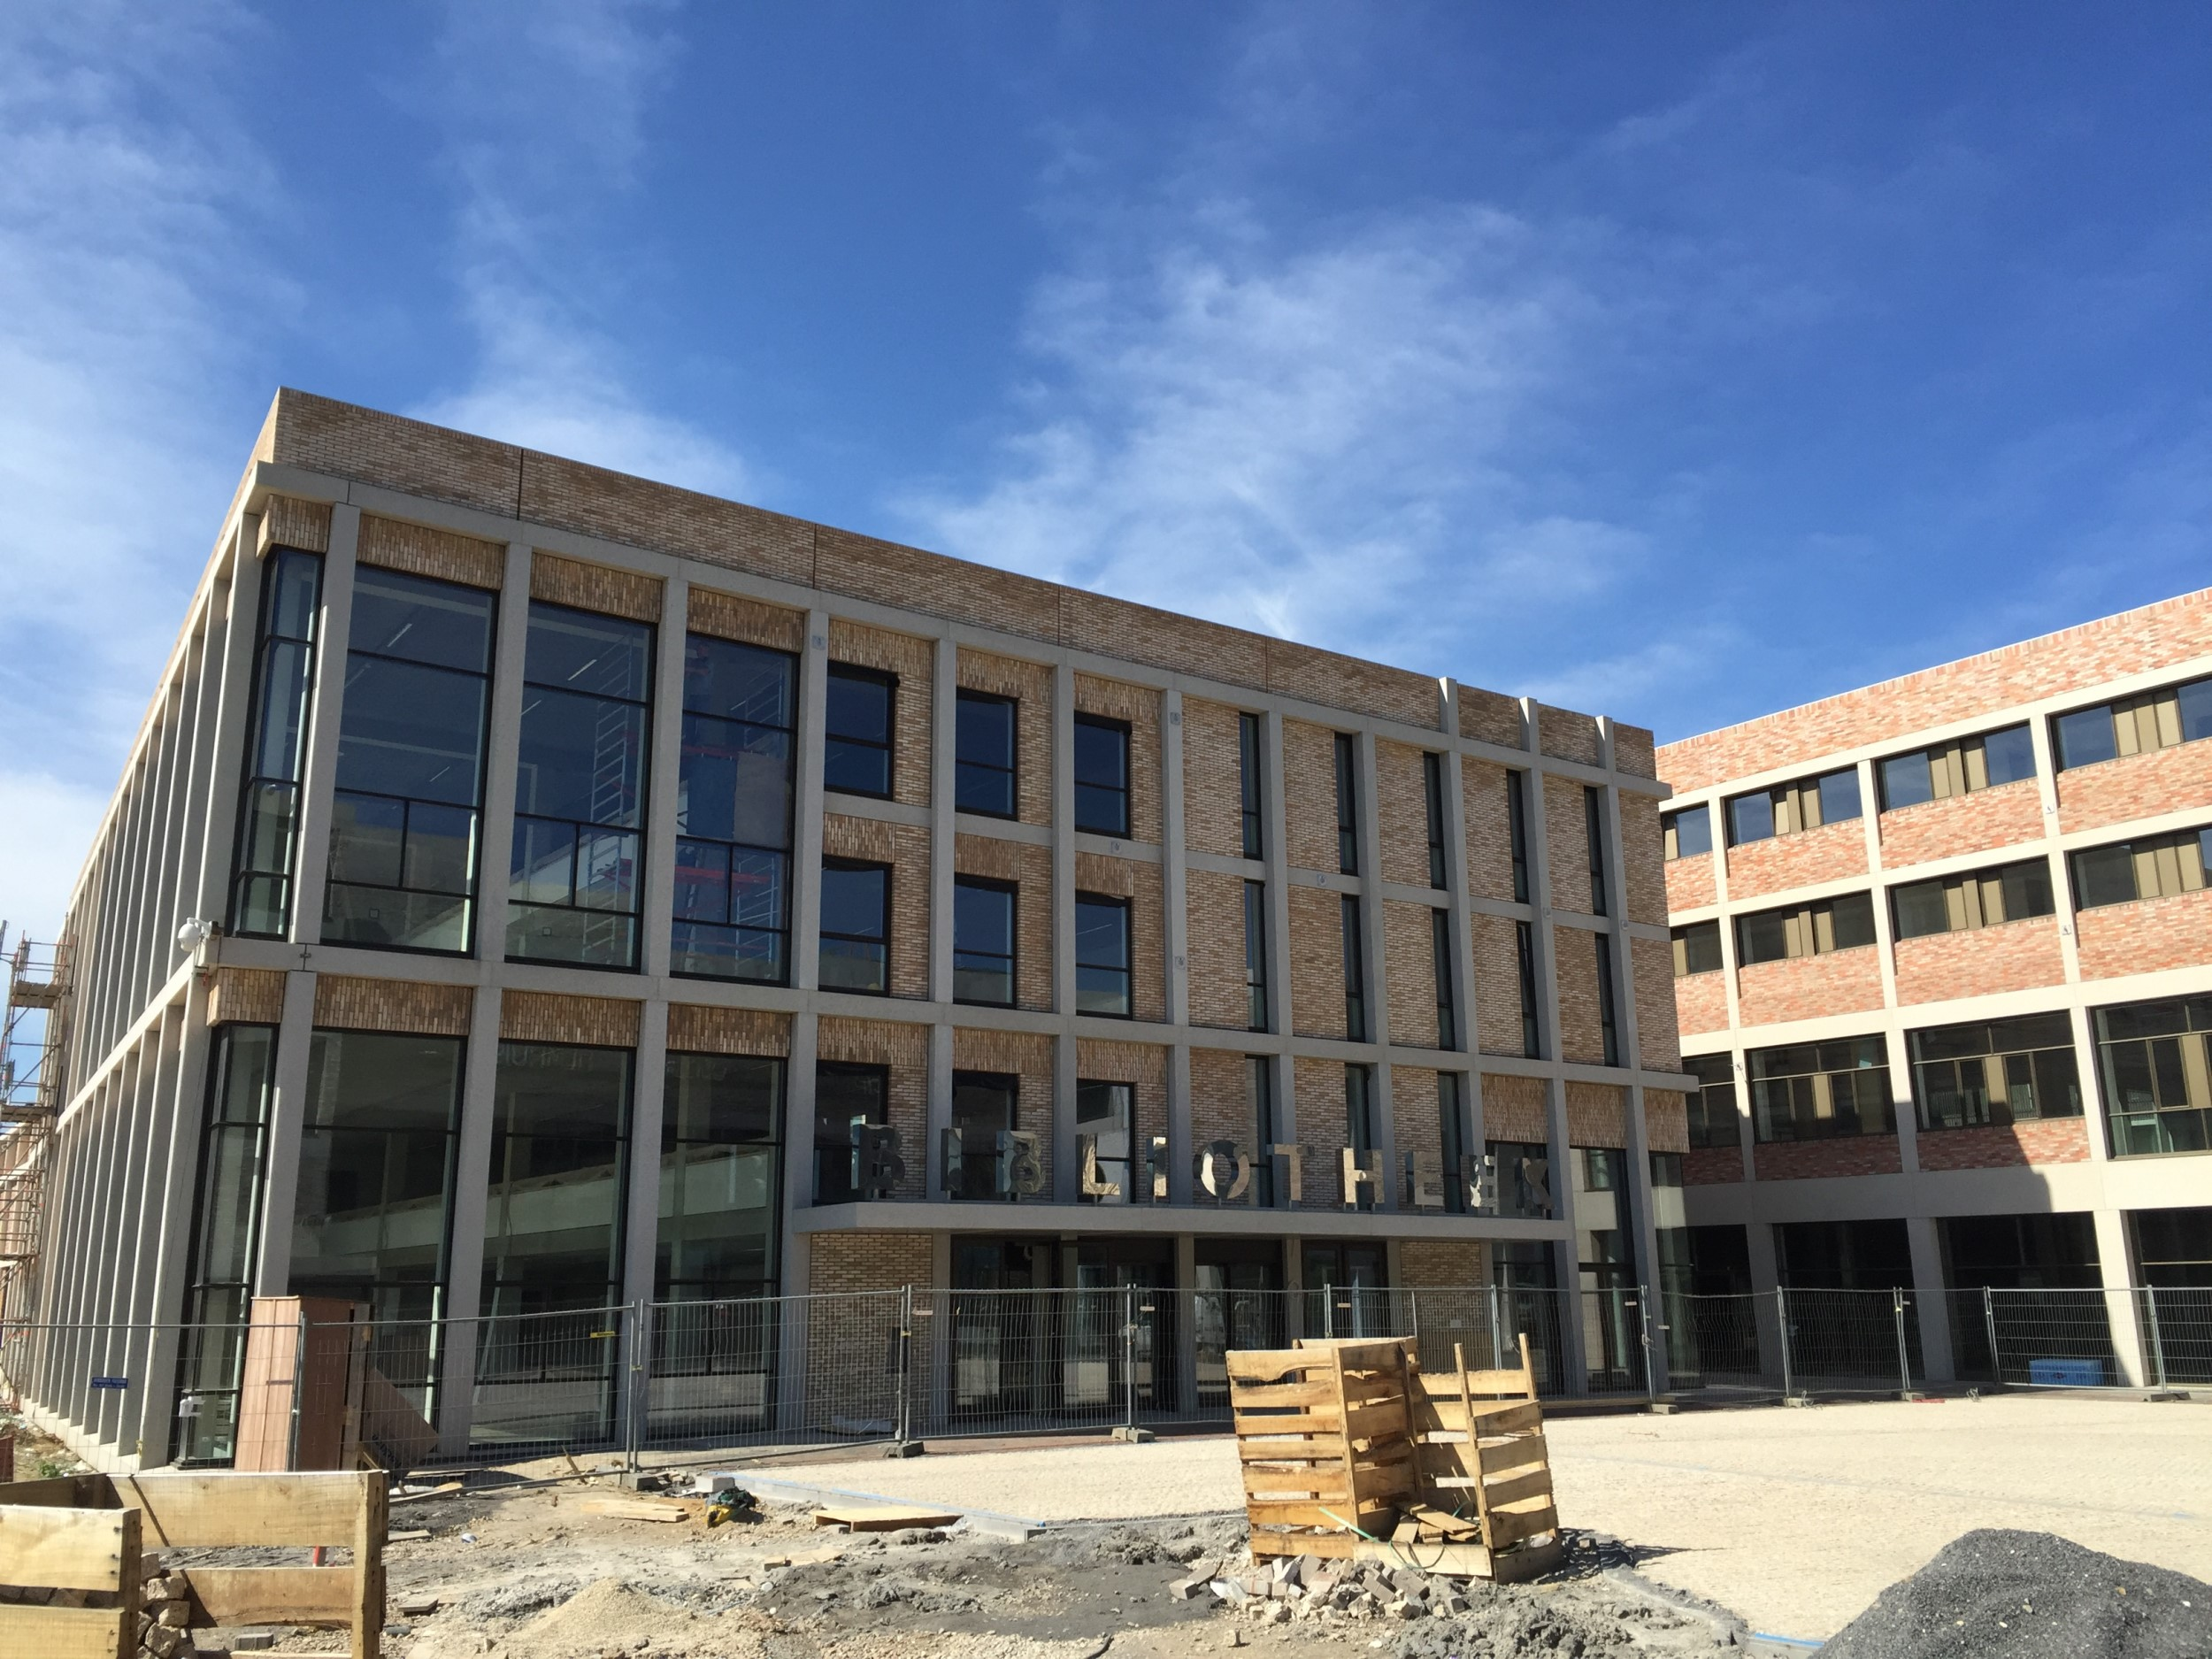 voorgevel bibliotheek Sittard Ligne - Bibliotheek Ligne Sittard